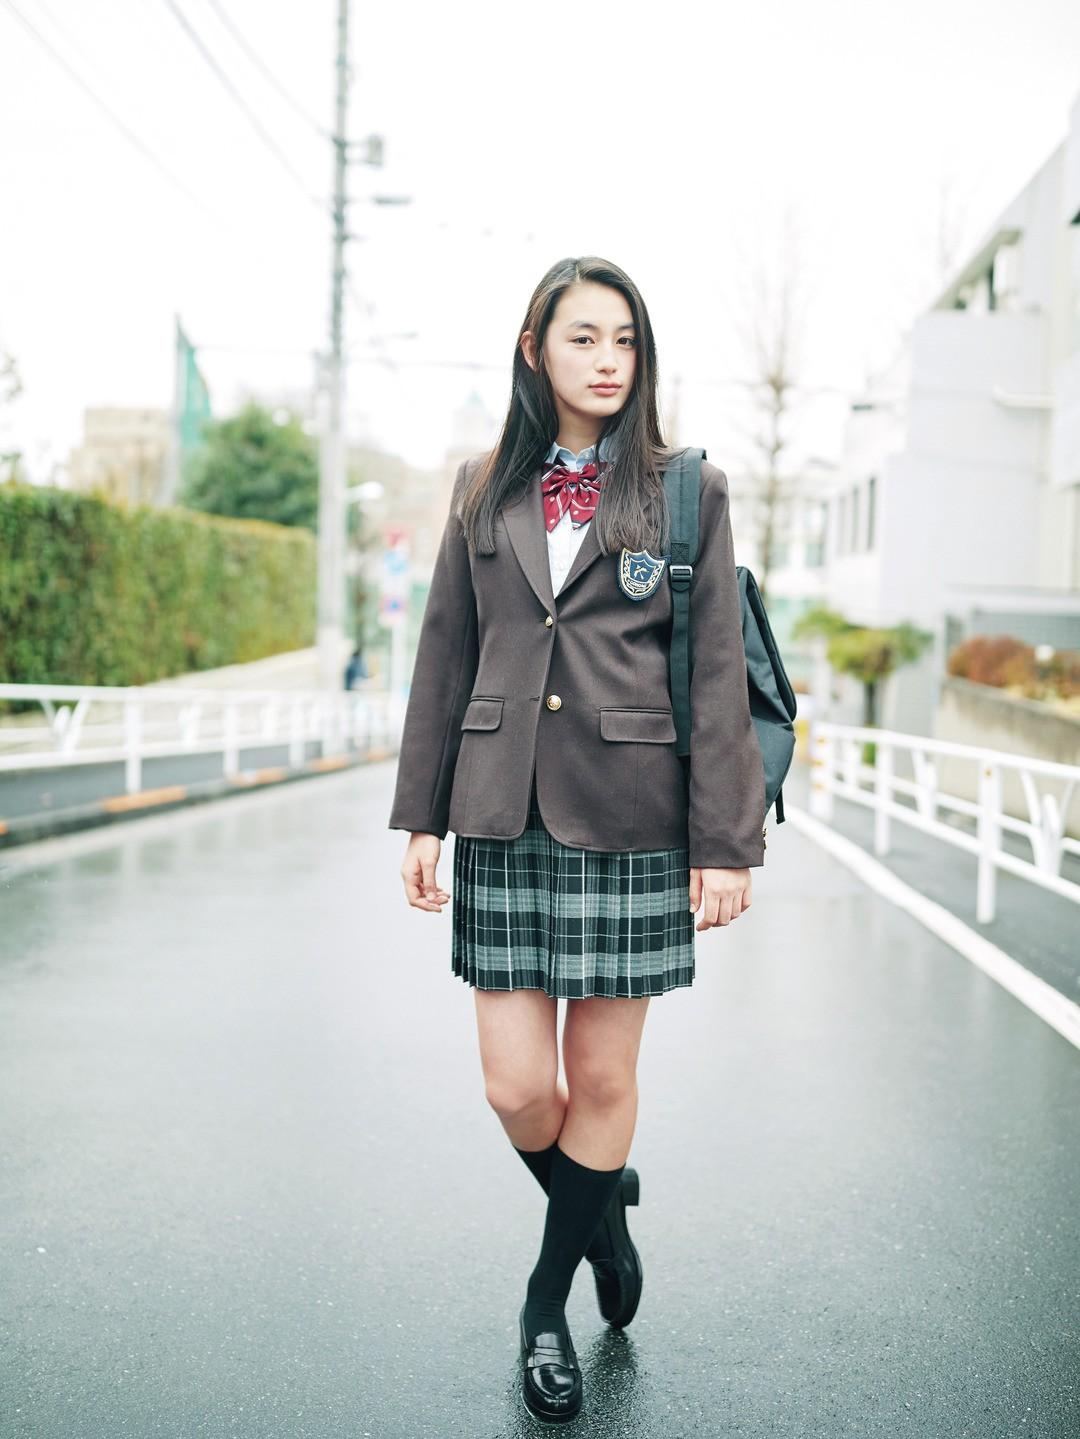 莉可子はクールbutカジュアルなギャップJKでいくっ!!